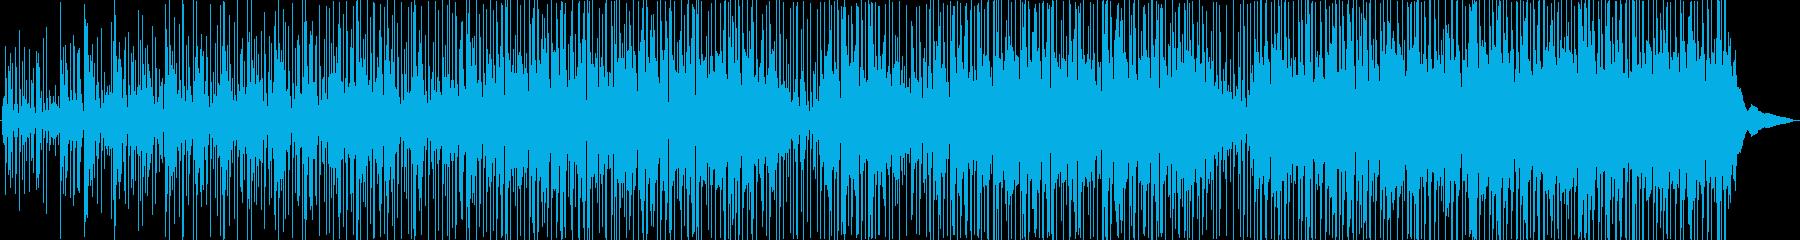 イージーリスニング 説明的 楽しげ...の再生済みの波形